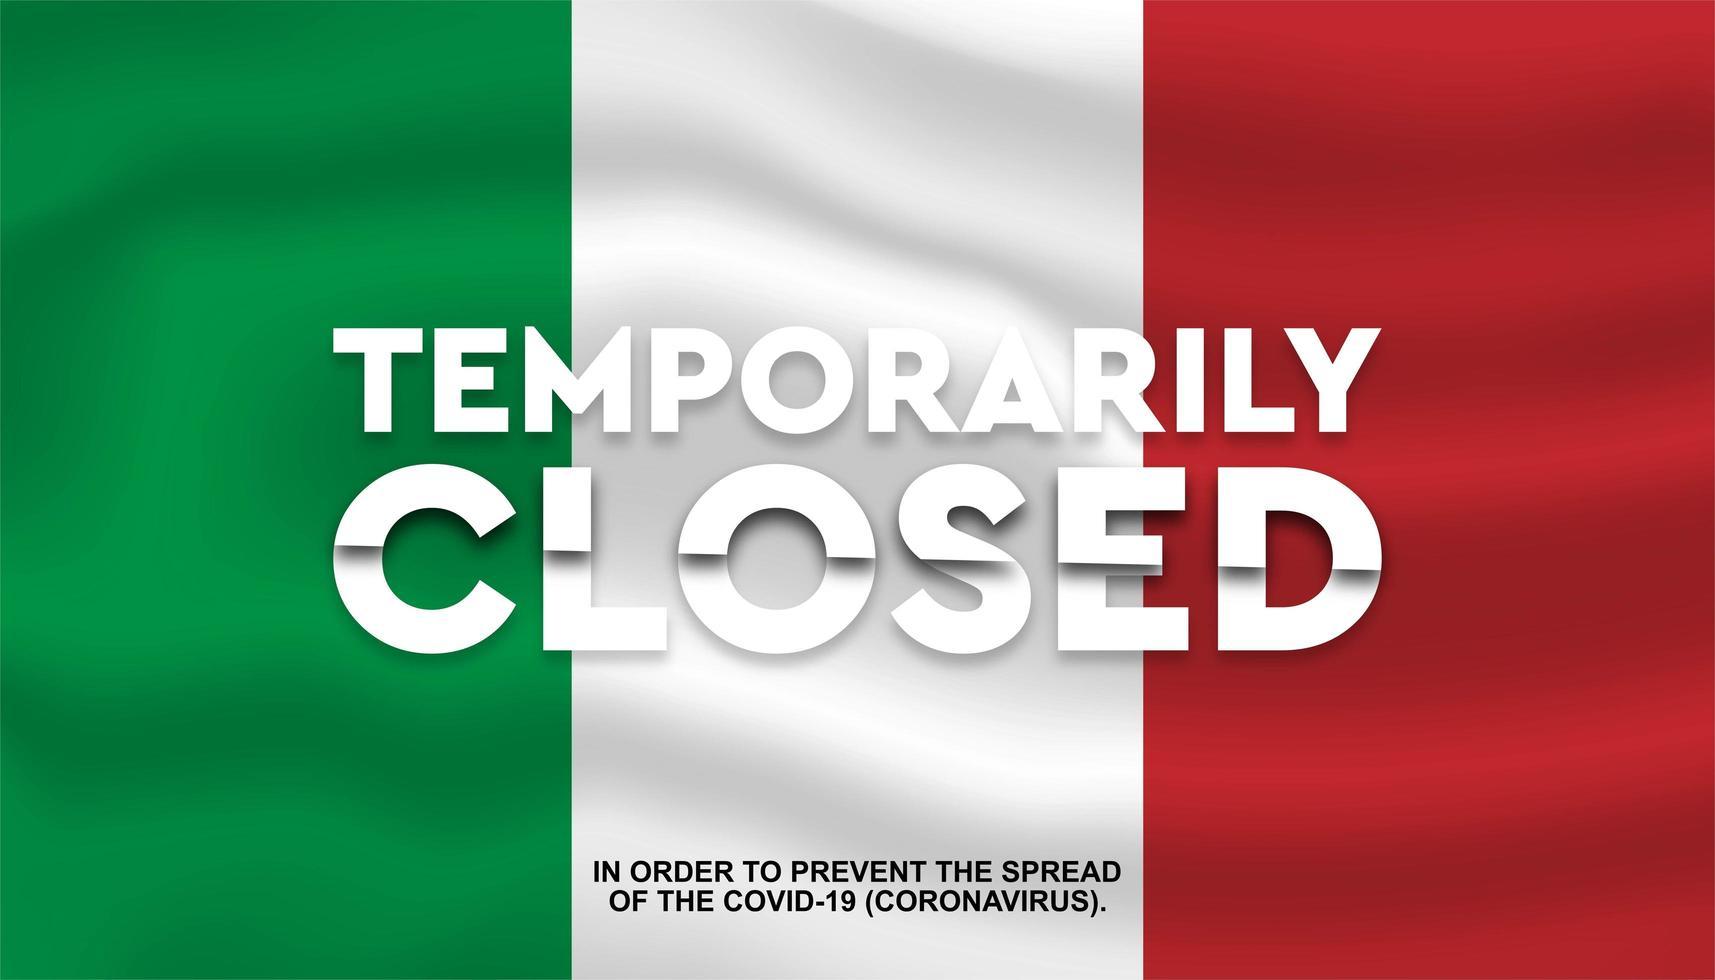 bandera de italia cerrada temporalmente vector